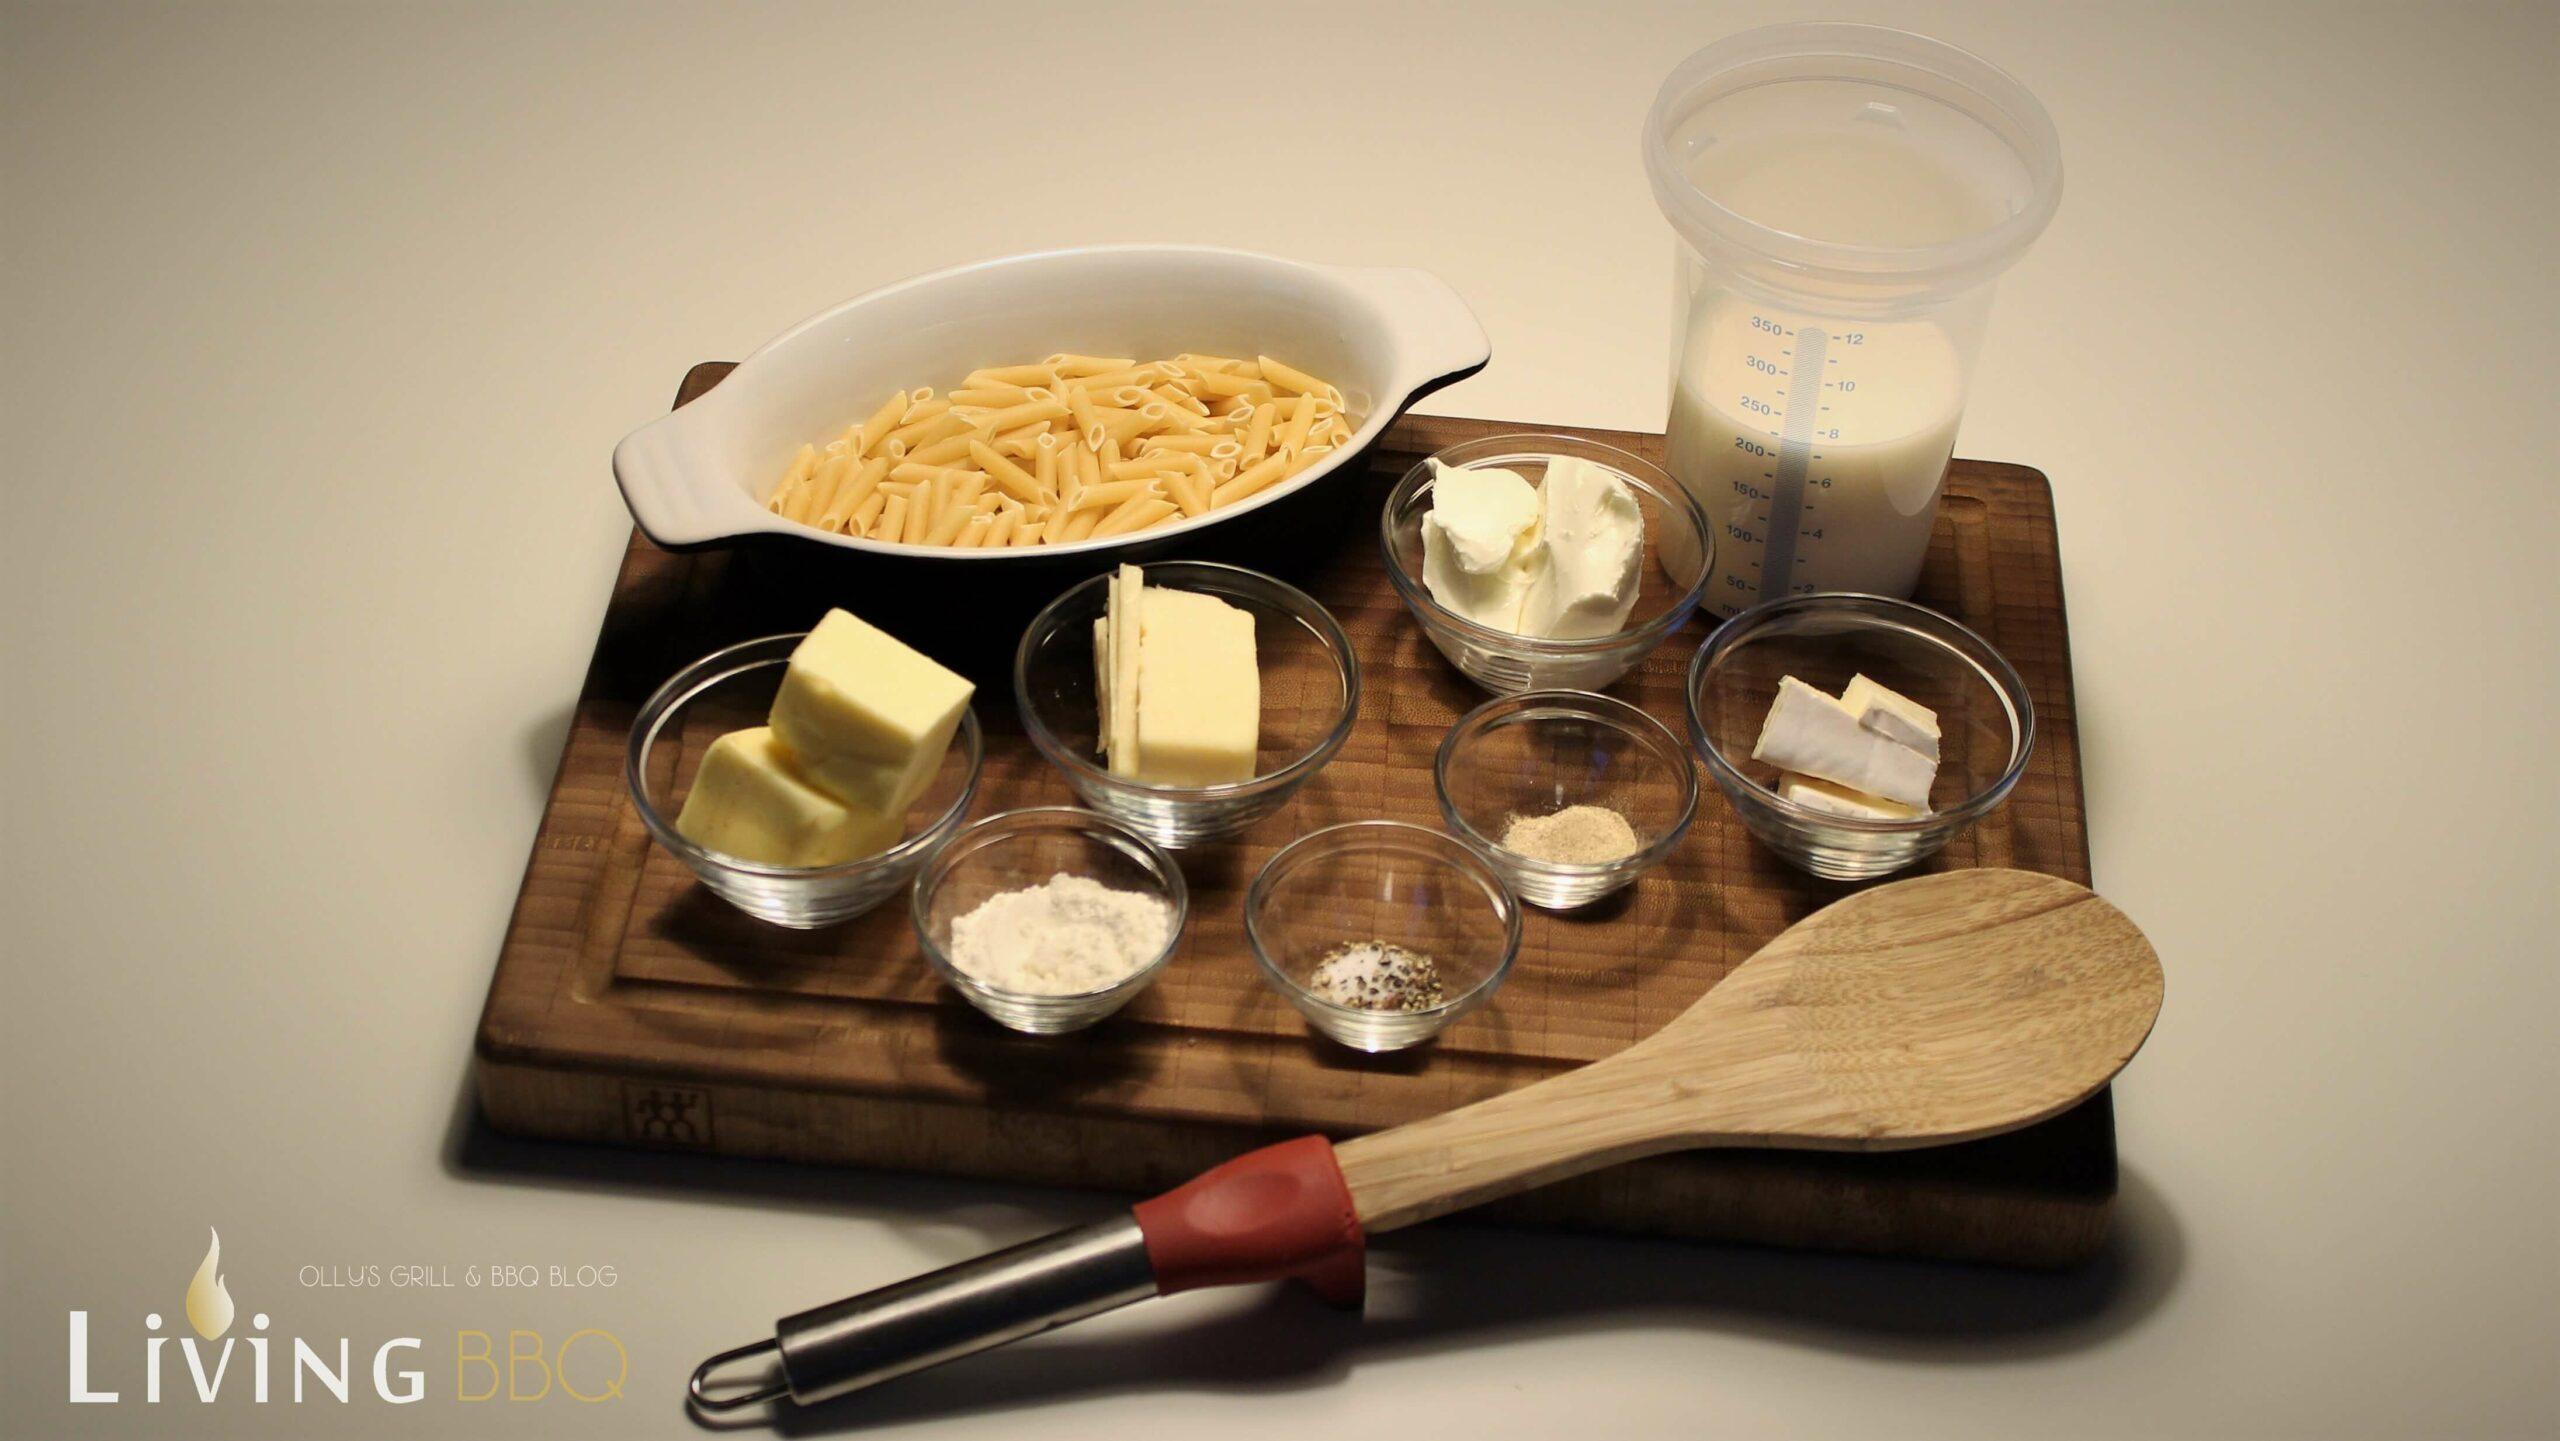 Makkaroni mit Käse Mac and Cheese